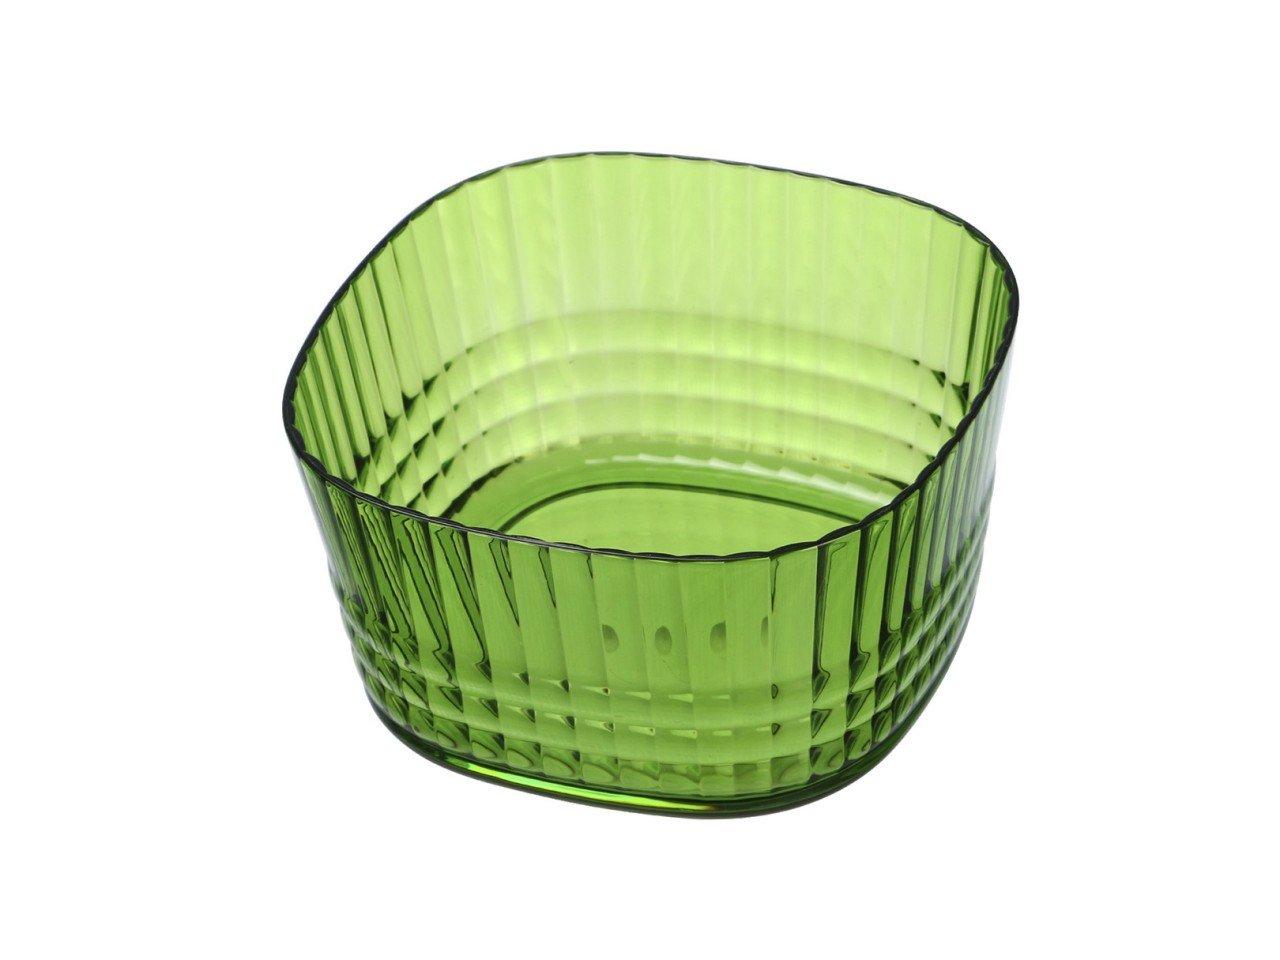 Ensaladera Bowl Cuadrado con Franjas color Verde